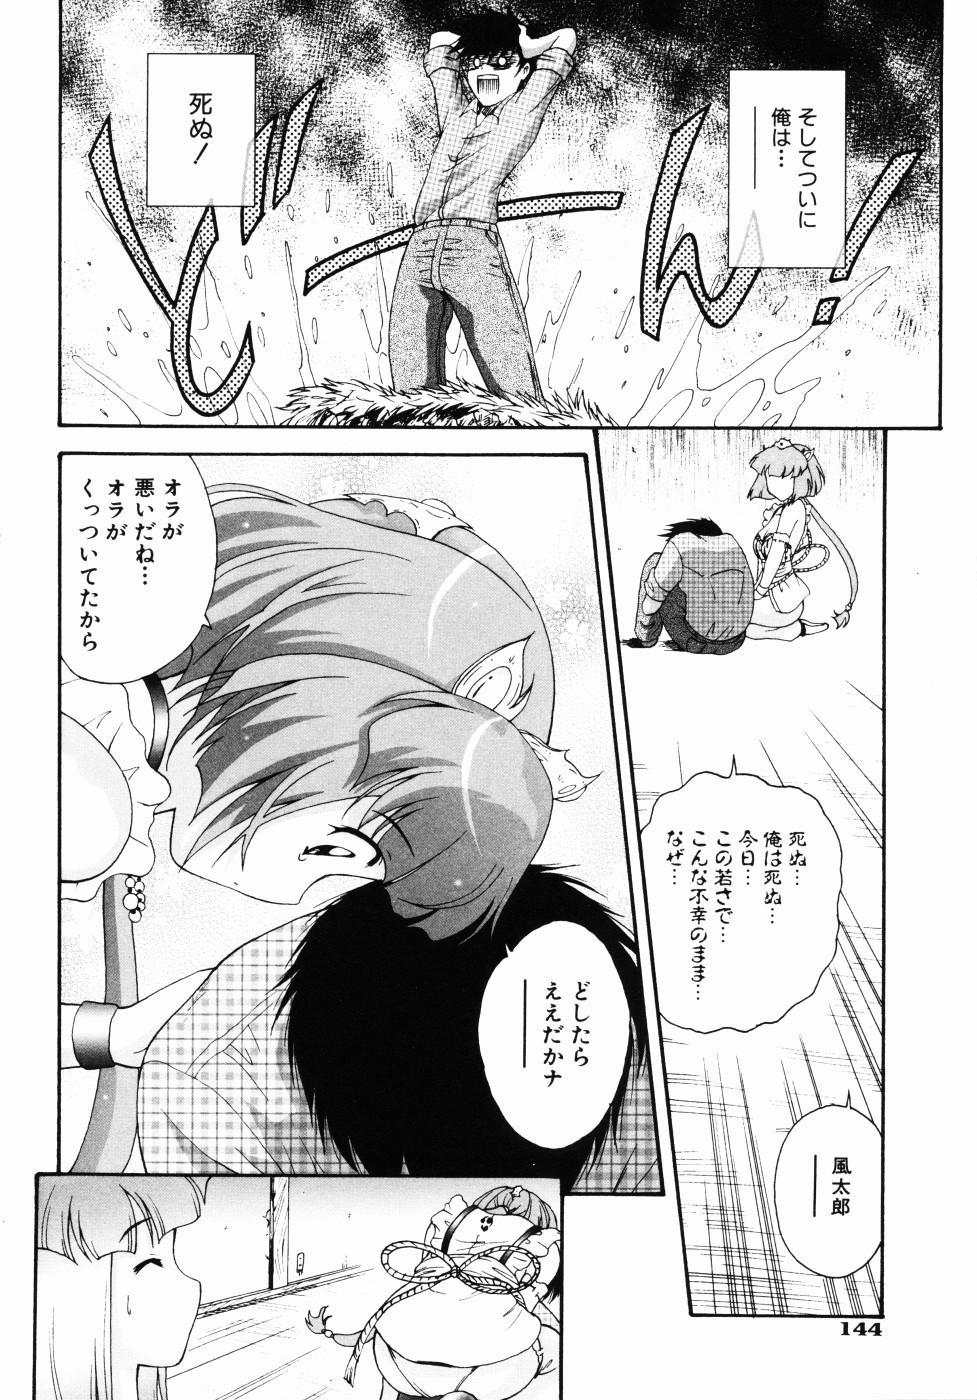 Daikyou Megami 148